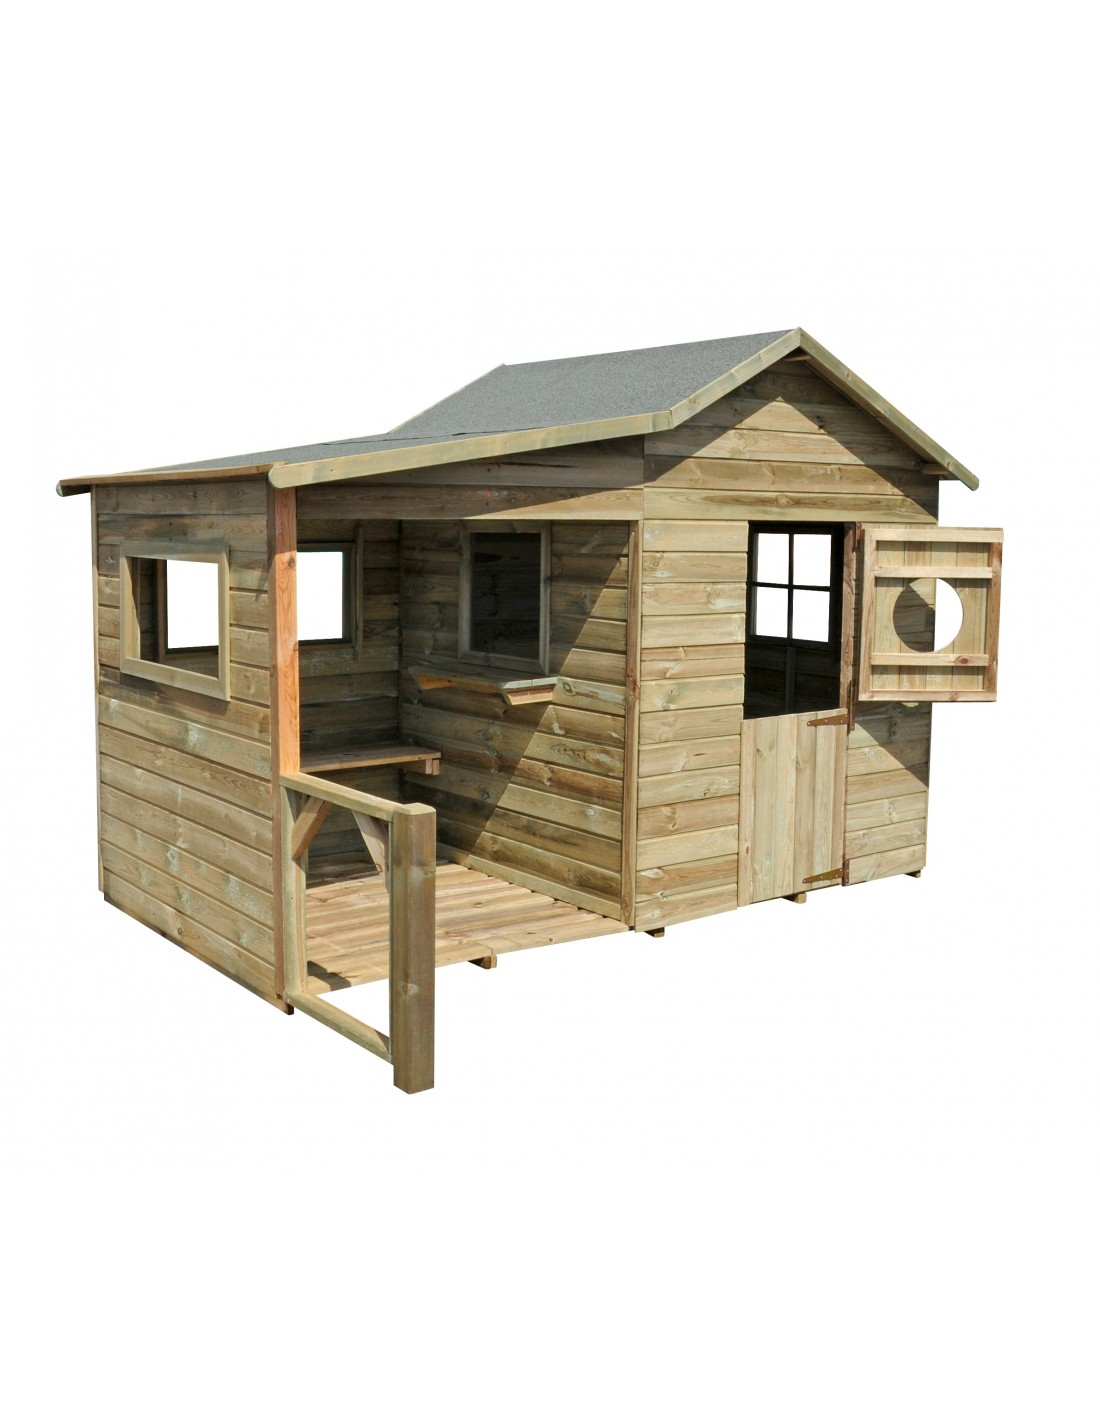 Cabane Jardin En Palette maisonnette hacienda en bois avec plancher traité - serres-et-abris